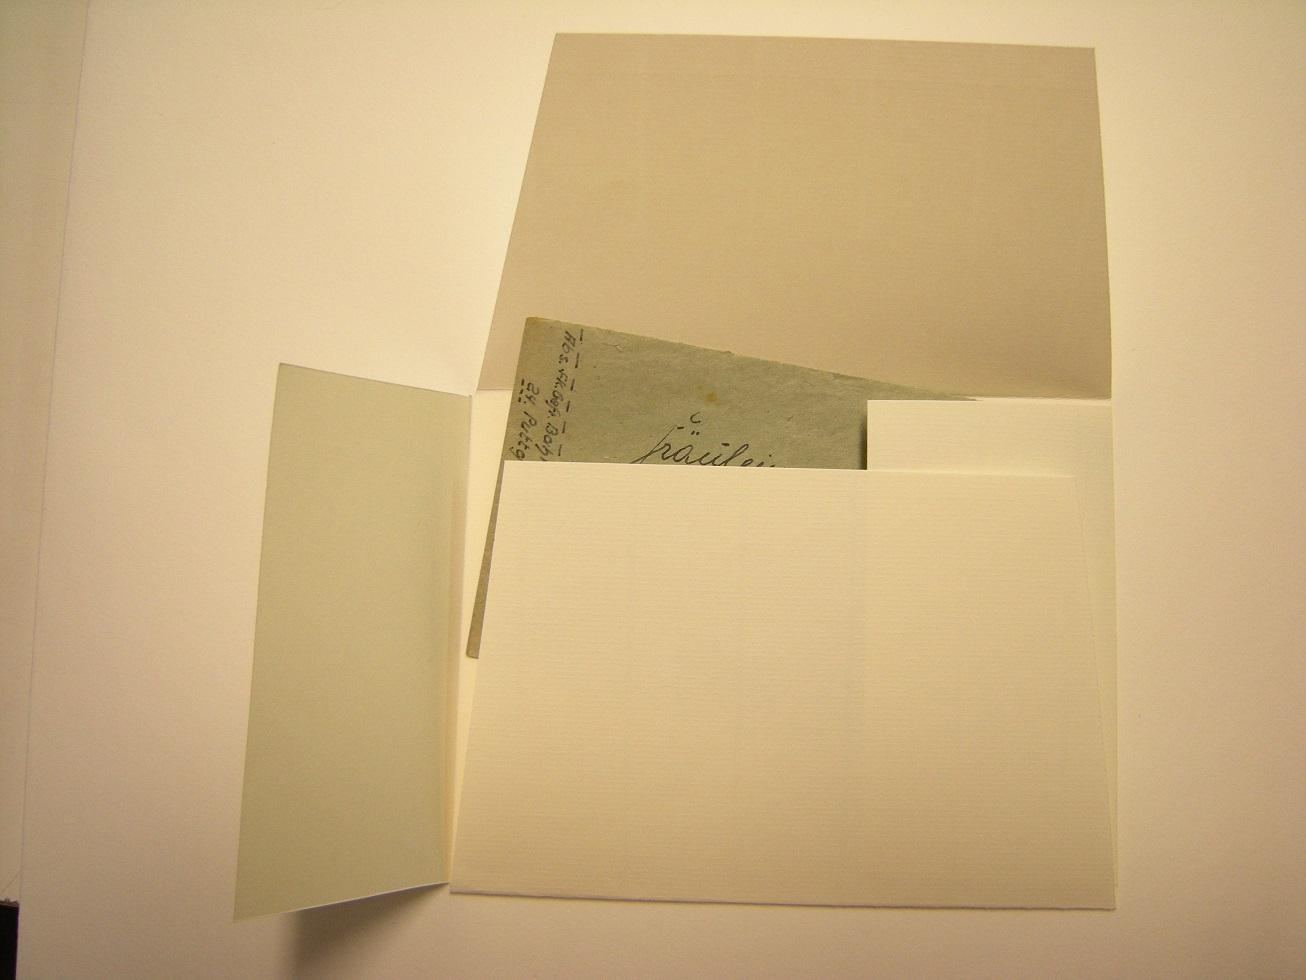 säurefreier Umschlag für alte Briefe